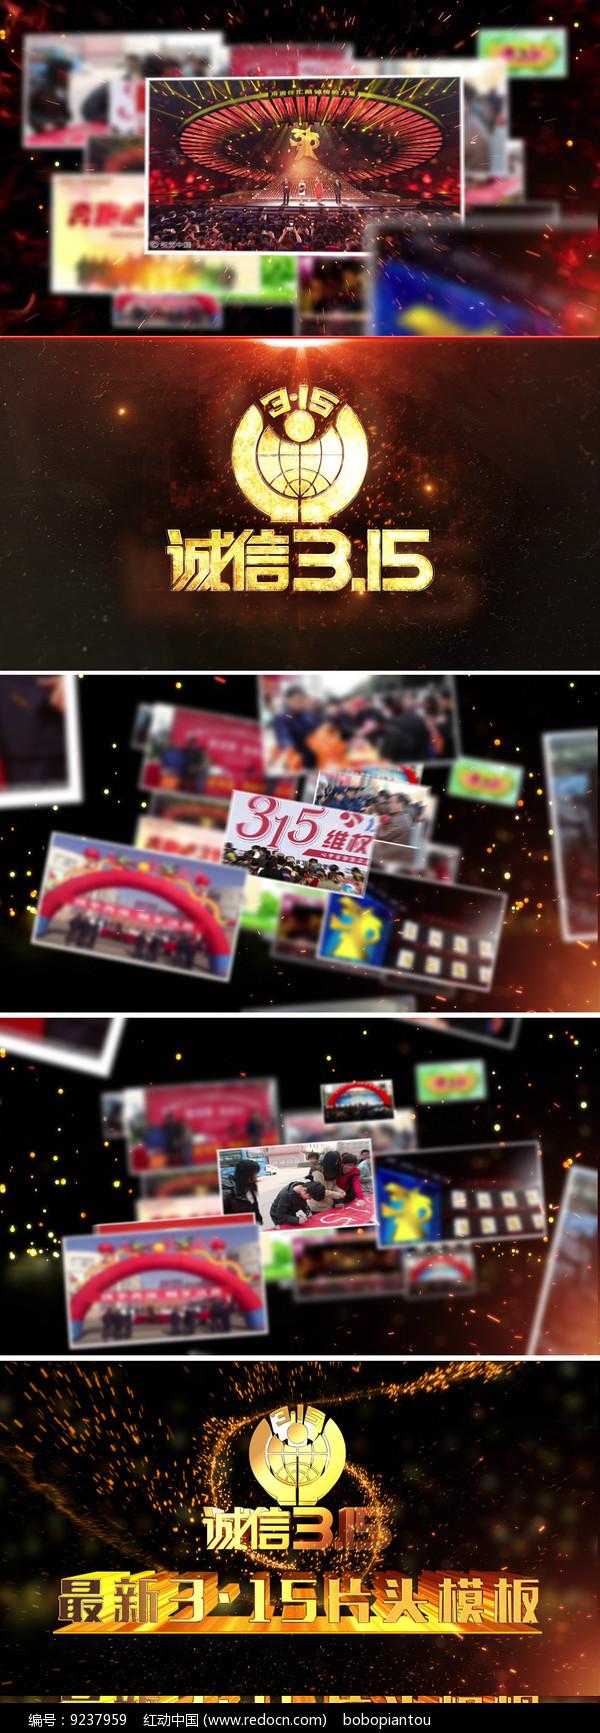 315晚会企业宣传AE片头视频图片